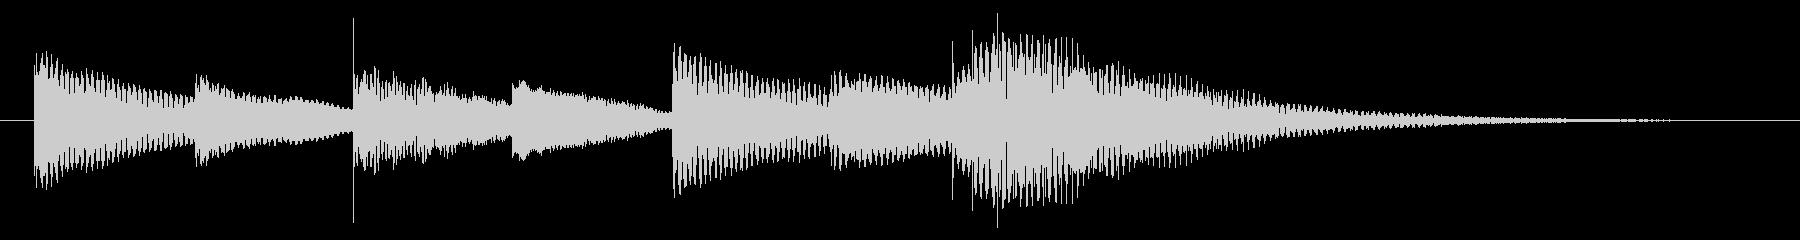 マリンバによる少しコミカルなジングルの未再生の波形